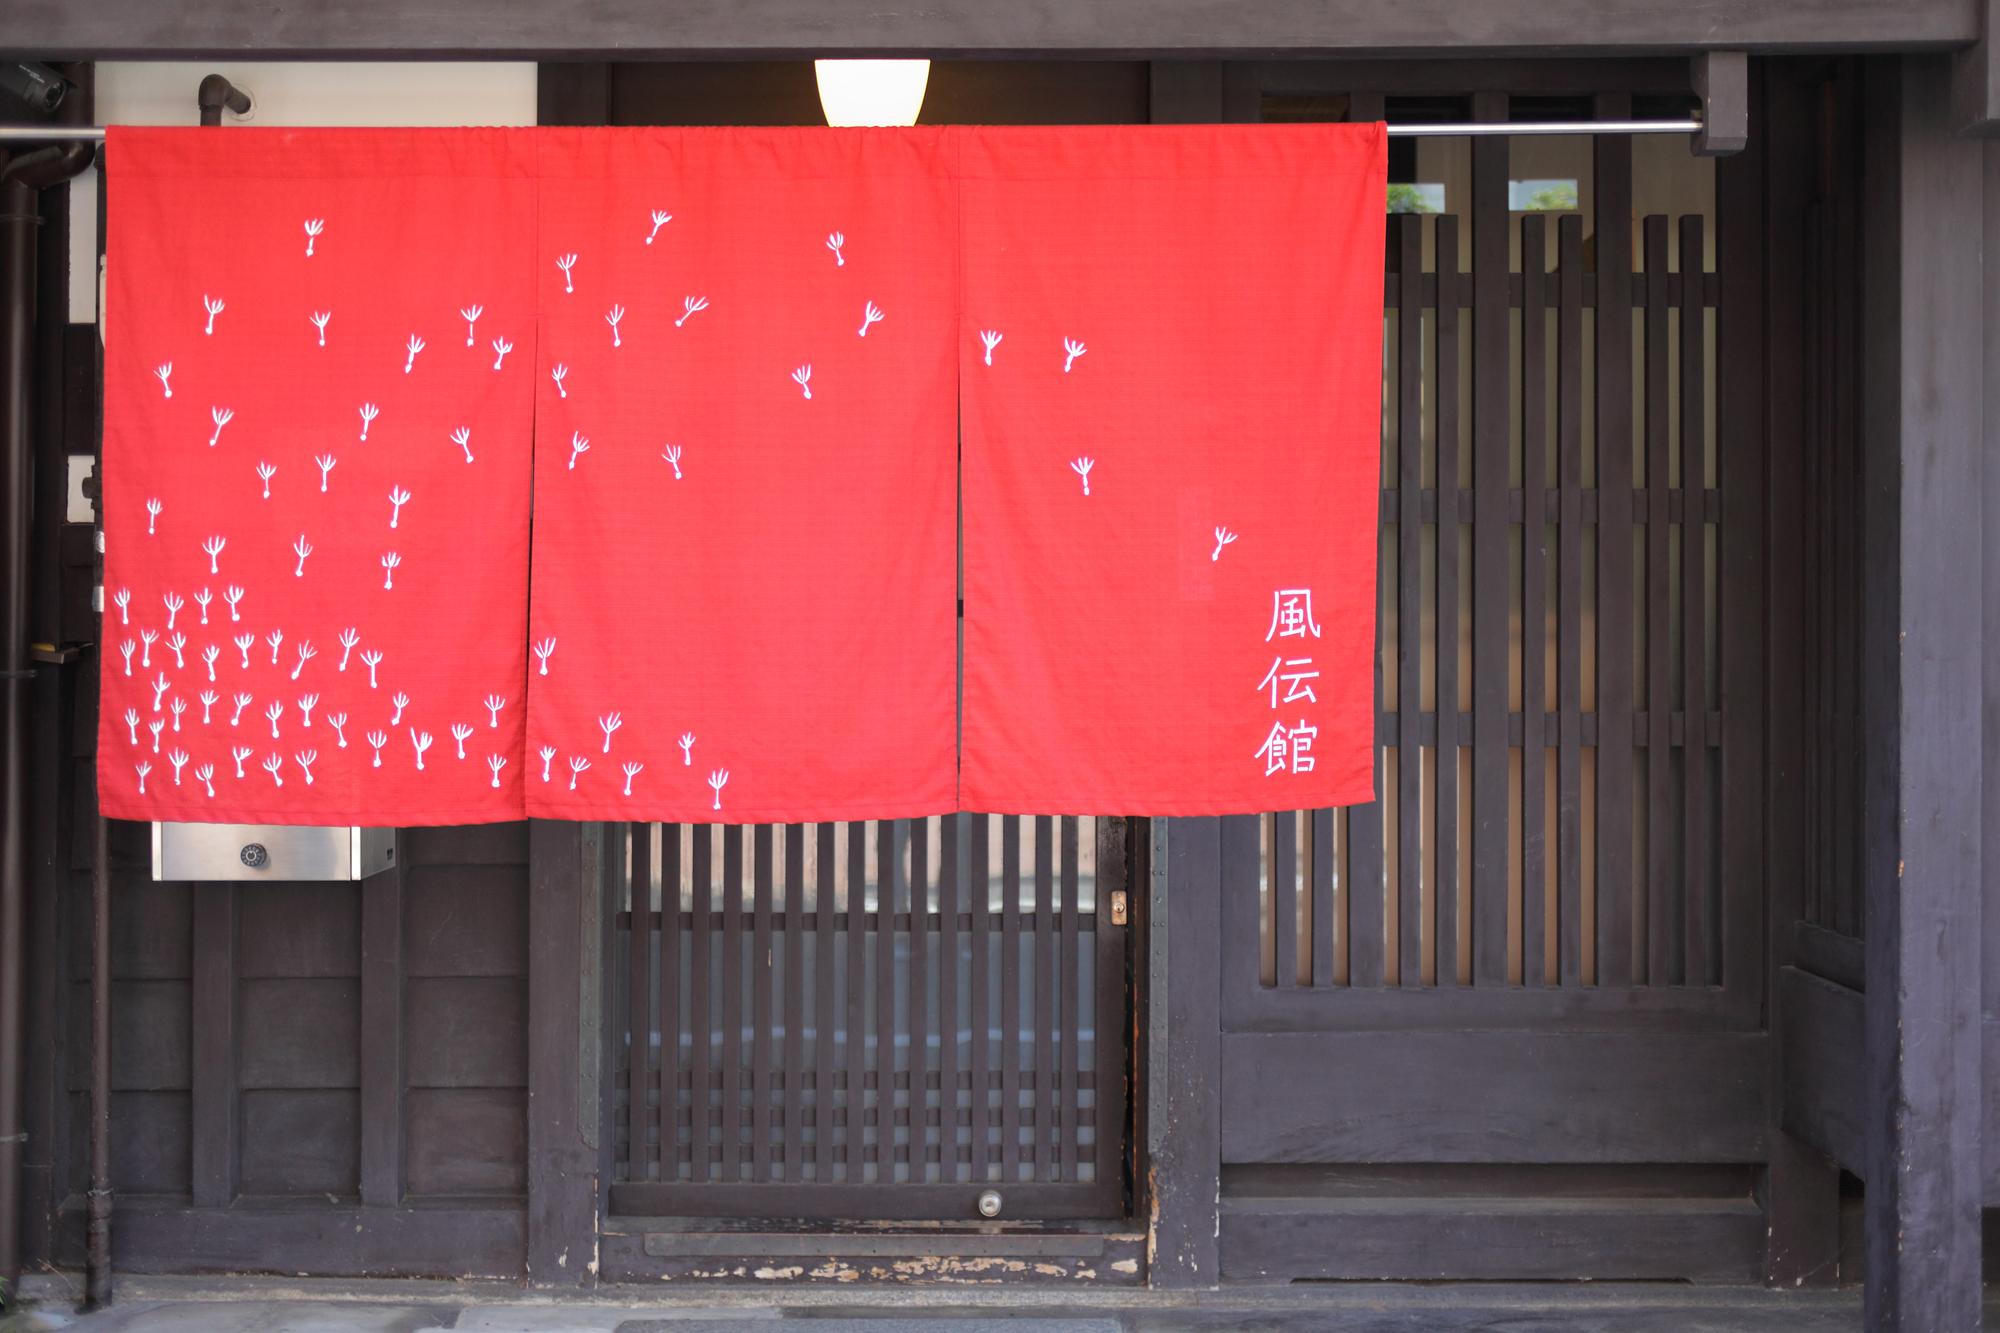 風伝館休館のお知らせ  【4/28-5/6】